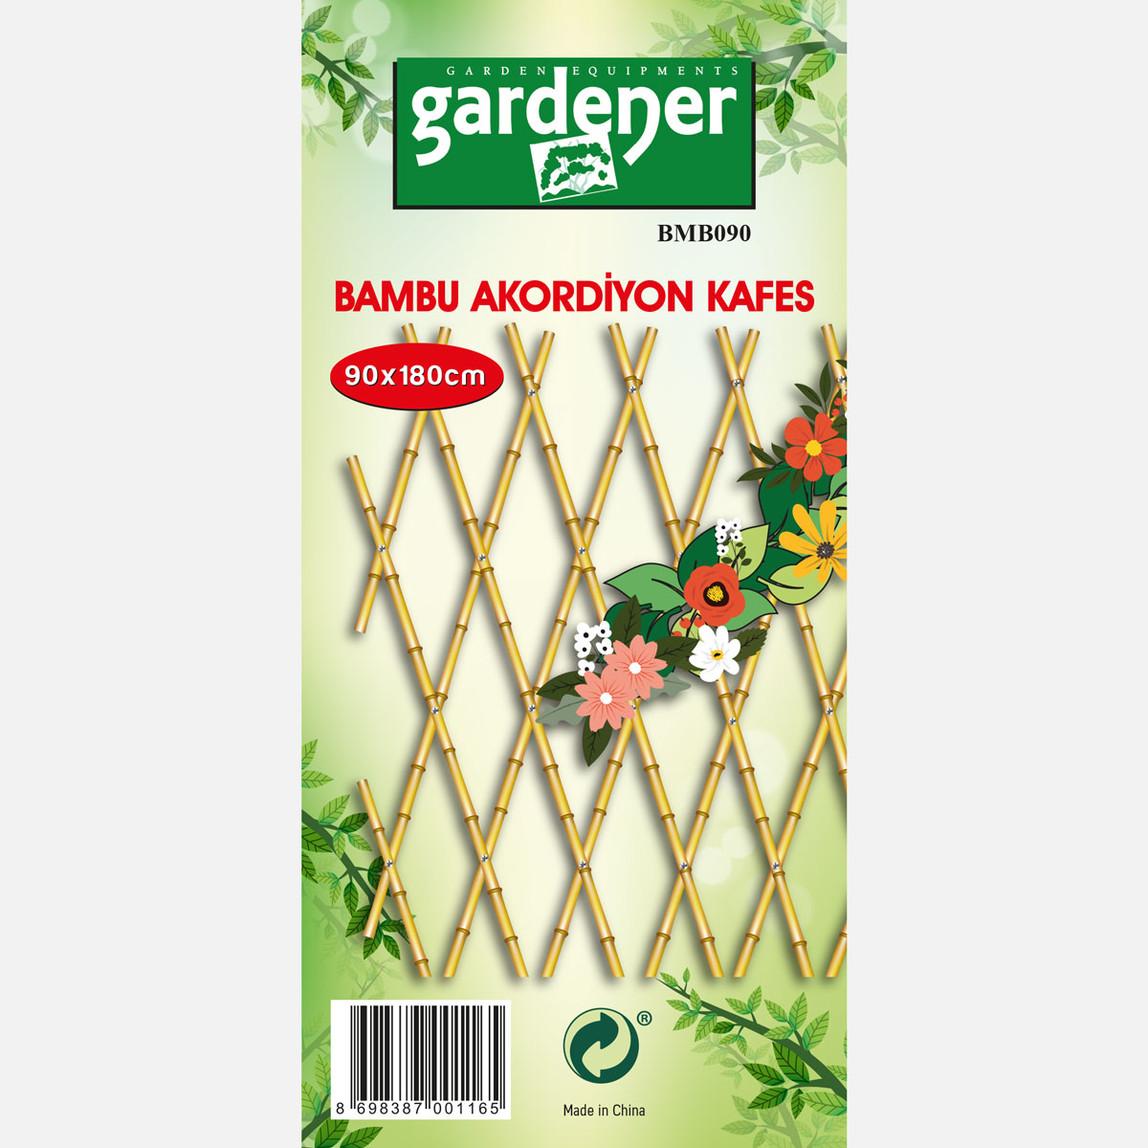 Gardener Bambu Akordiyon Kafes